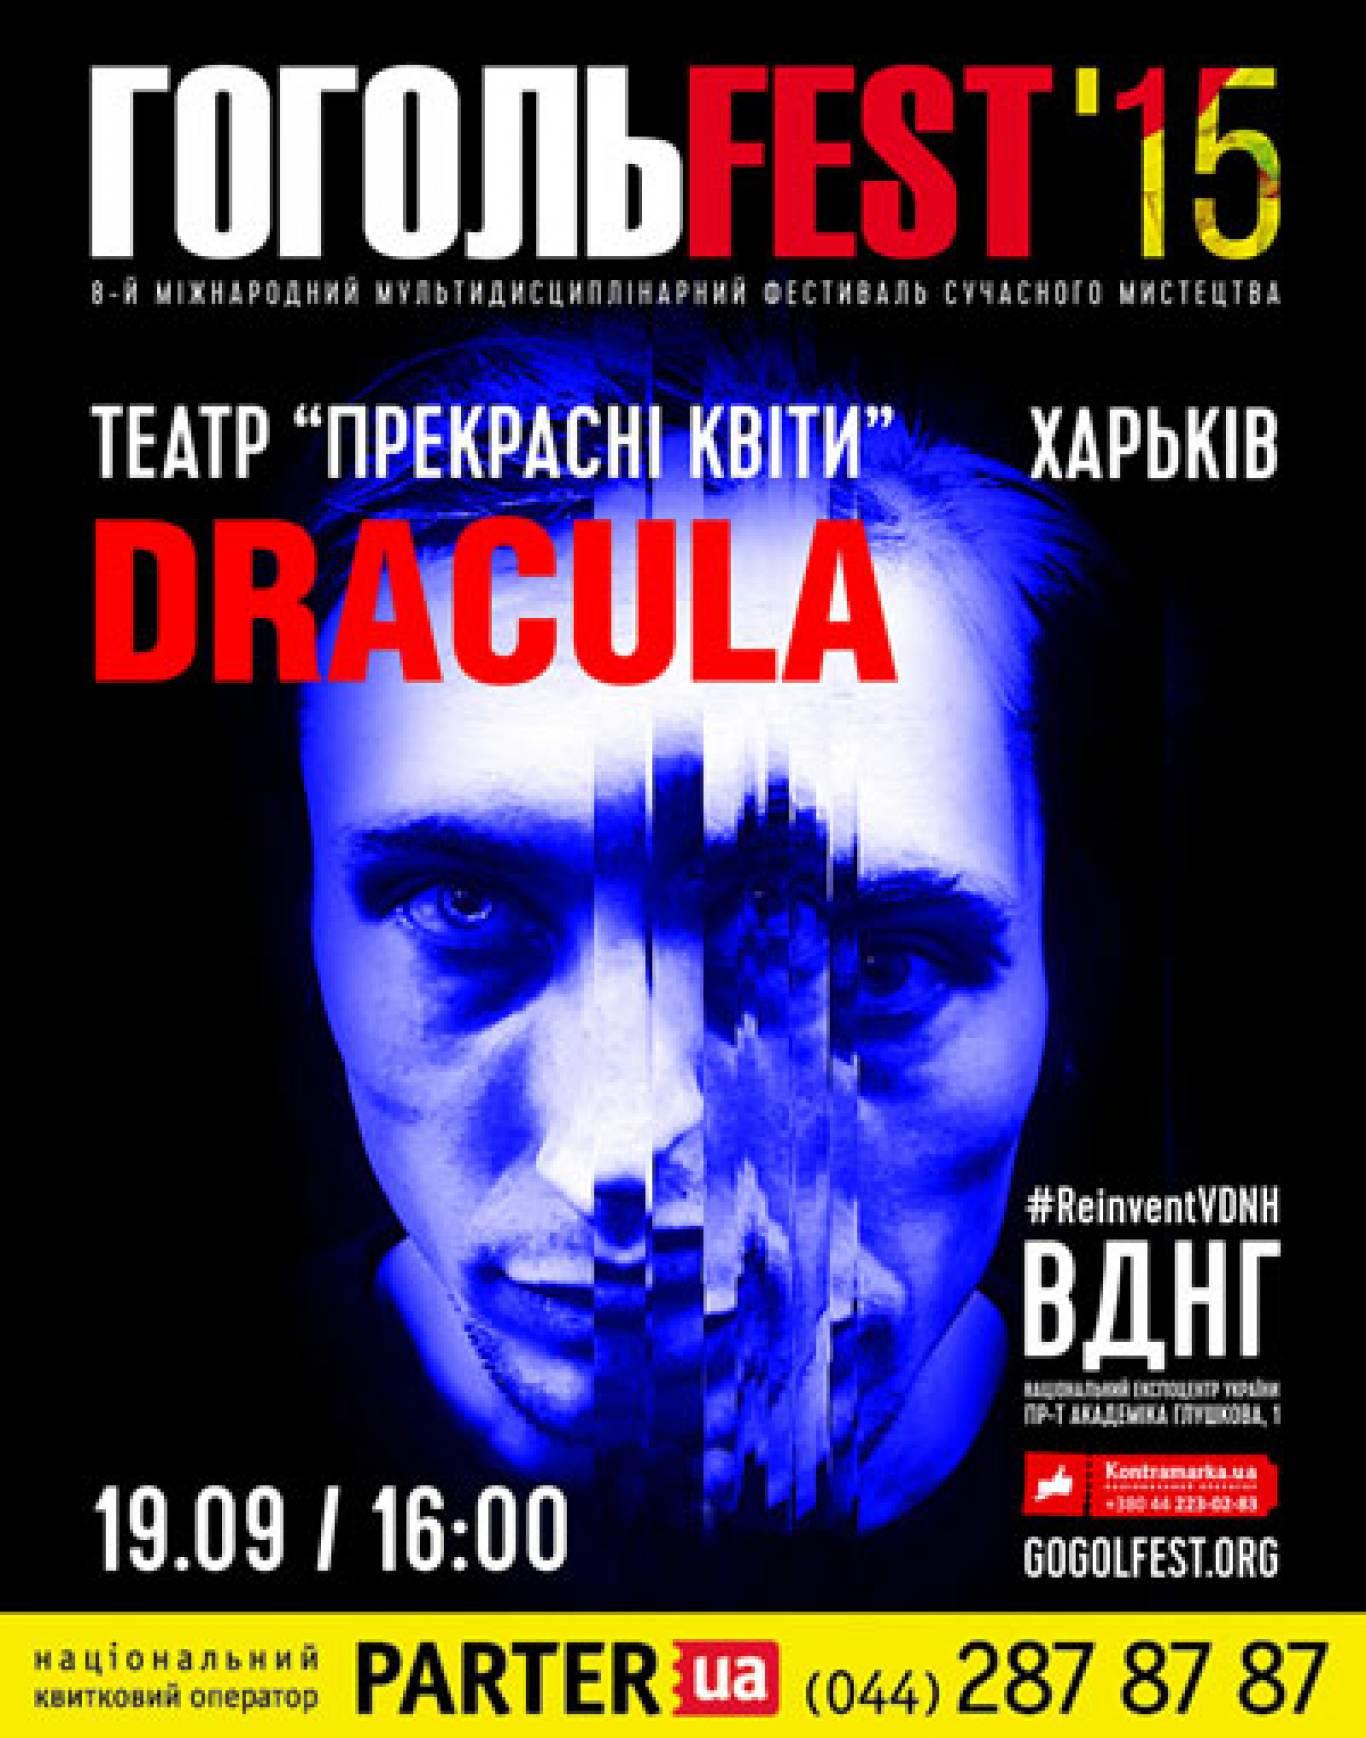 ГогольFest: вистава «DRACULA» від Тетру «Прекрасні квіти» (Харків)